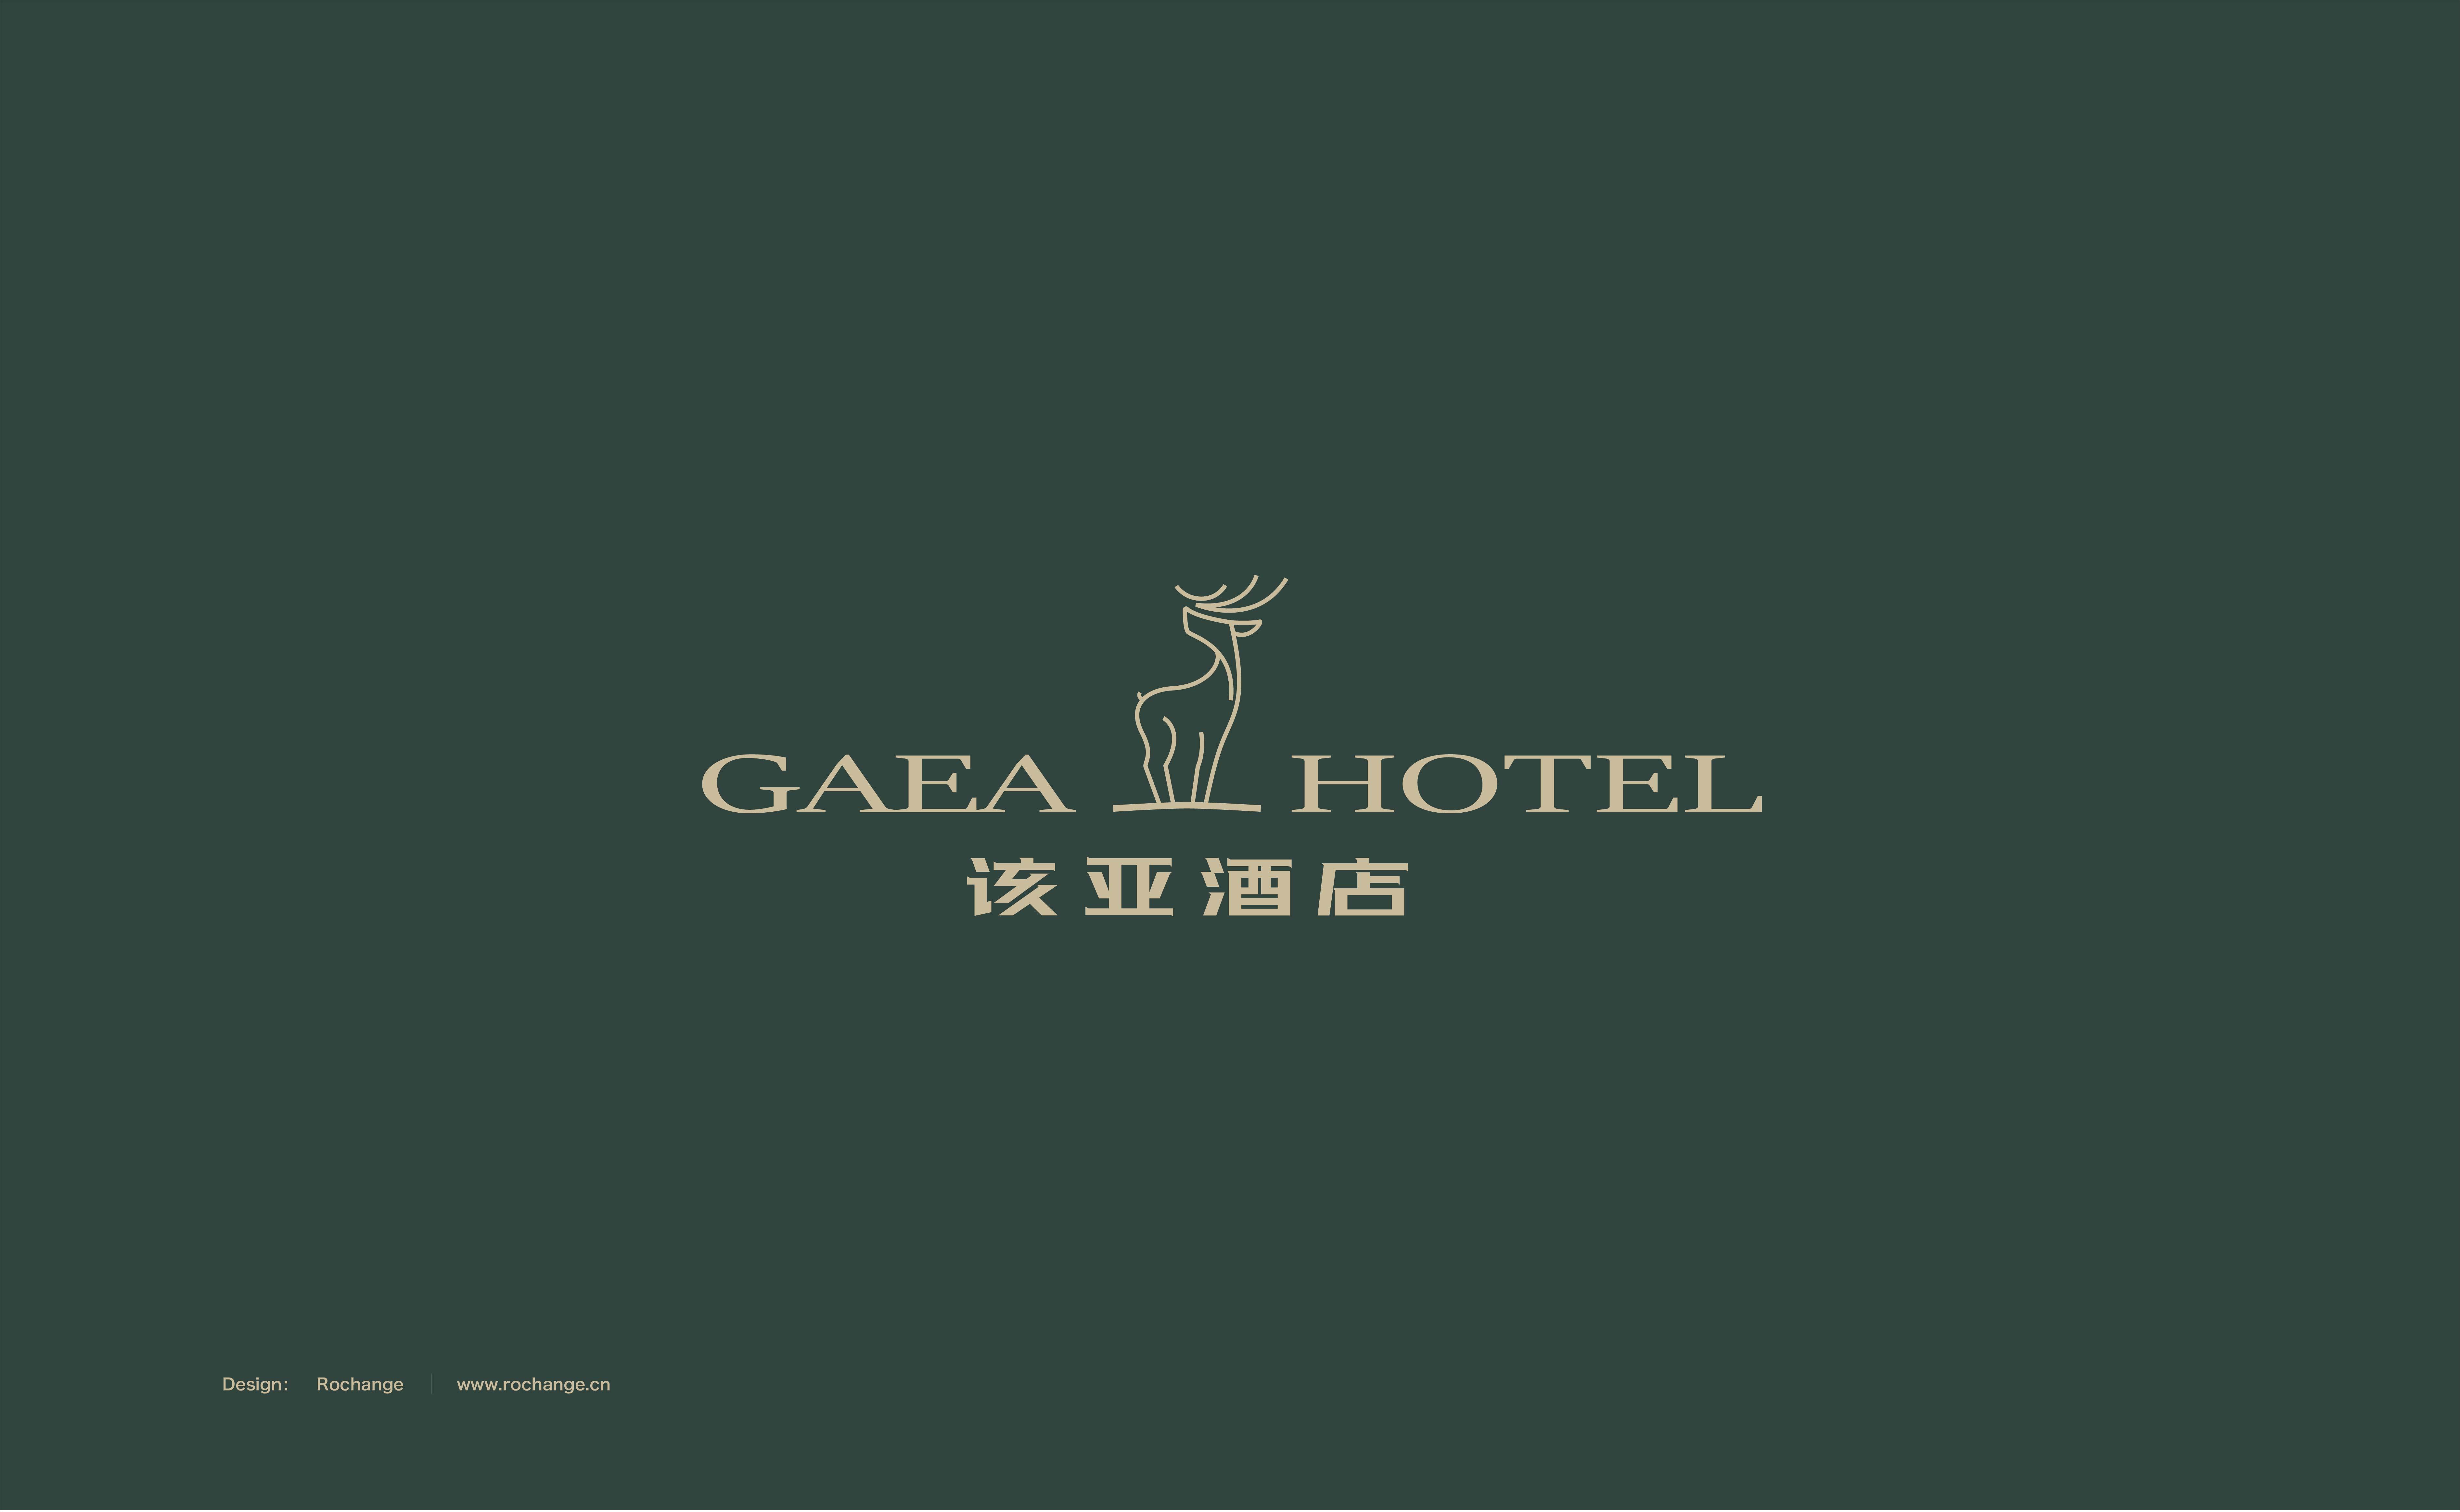 该亚酒店_画板 1.jpg